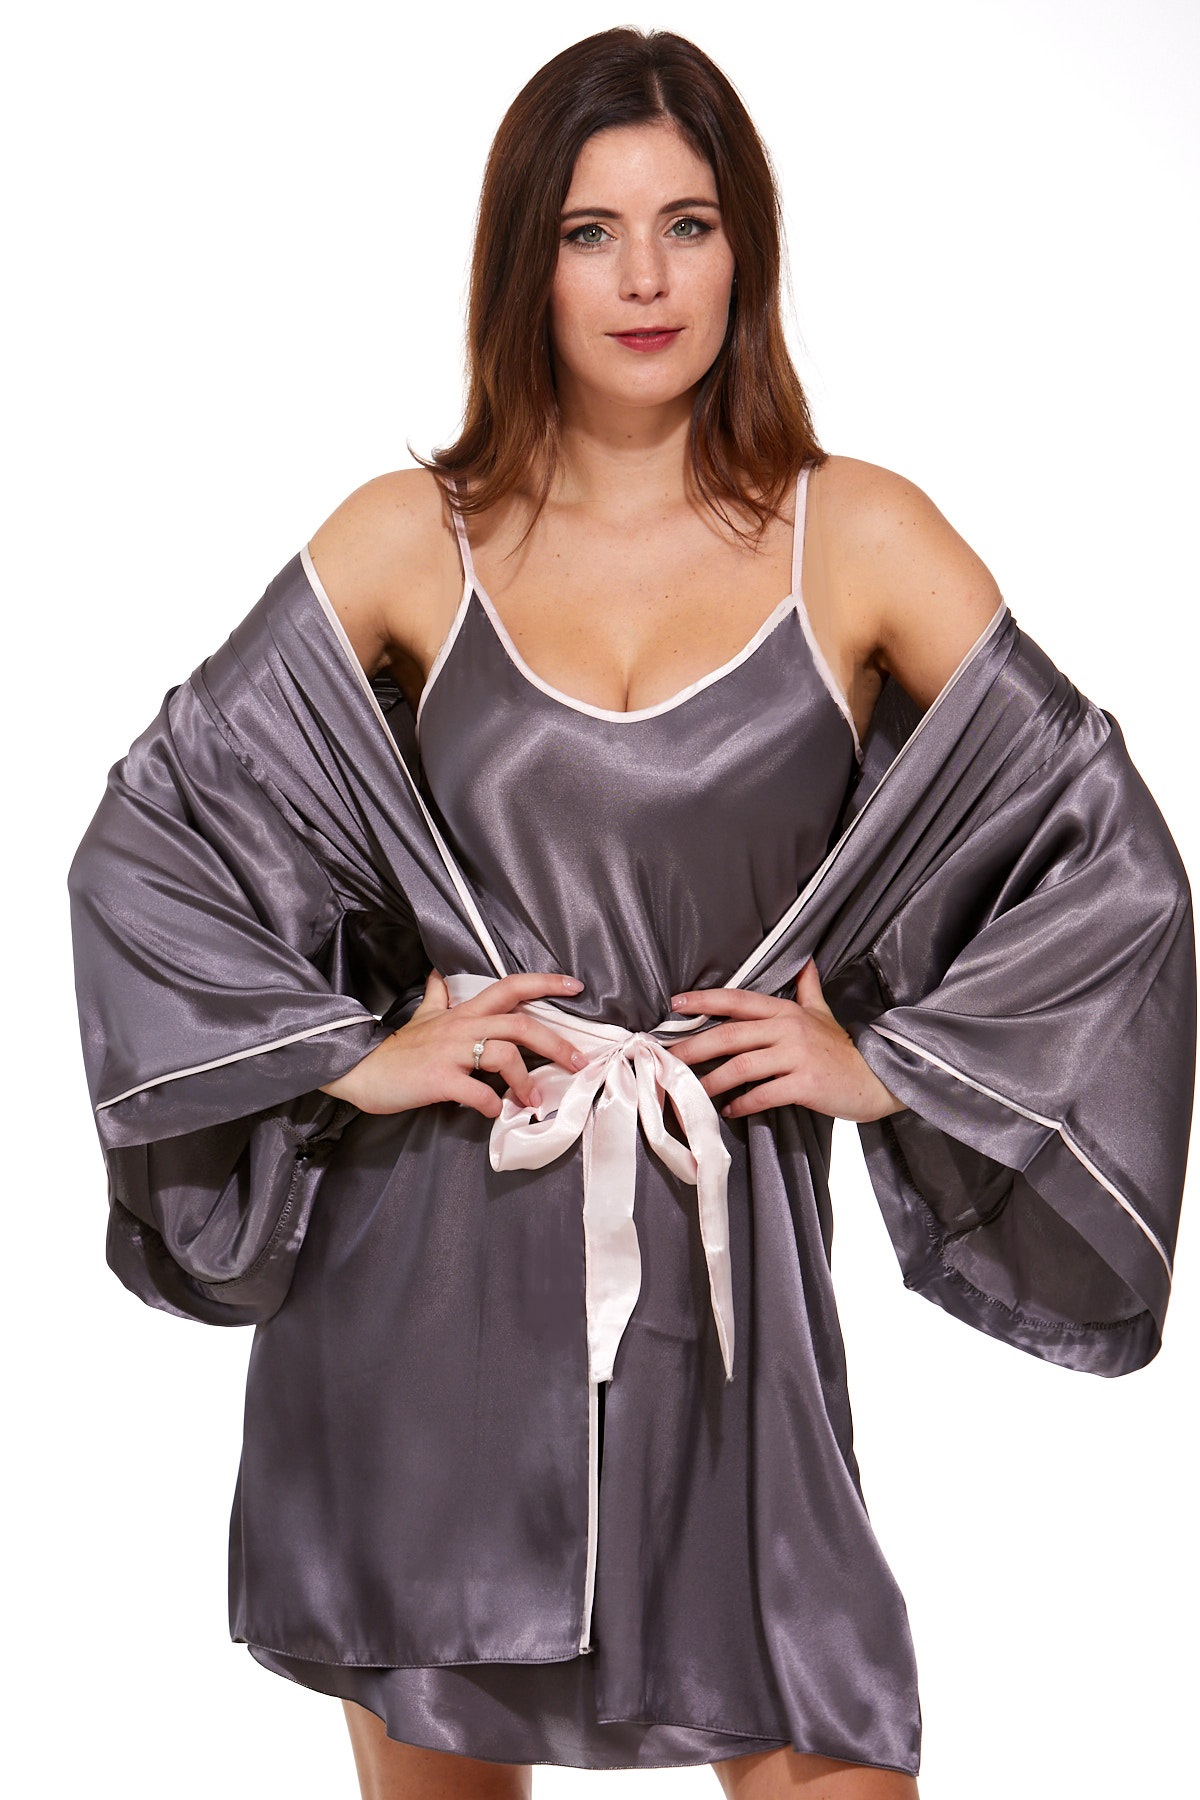 Luxusní košilka a župan v dokonalém kompletu pro ženy 1E8284